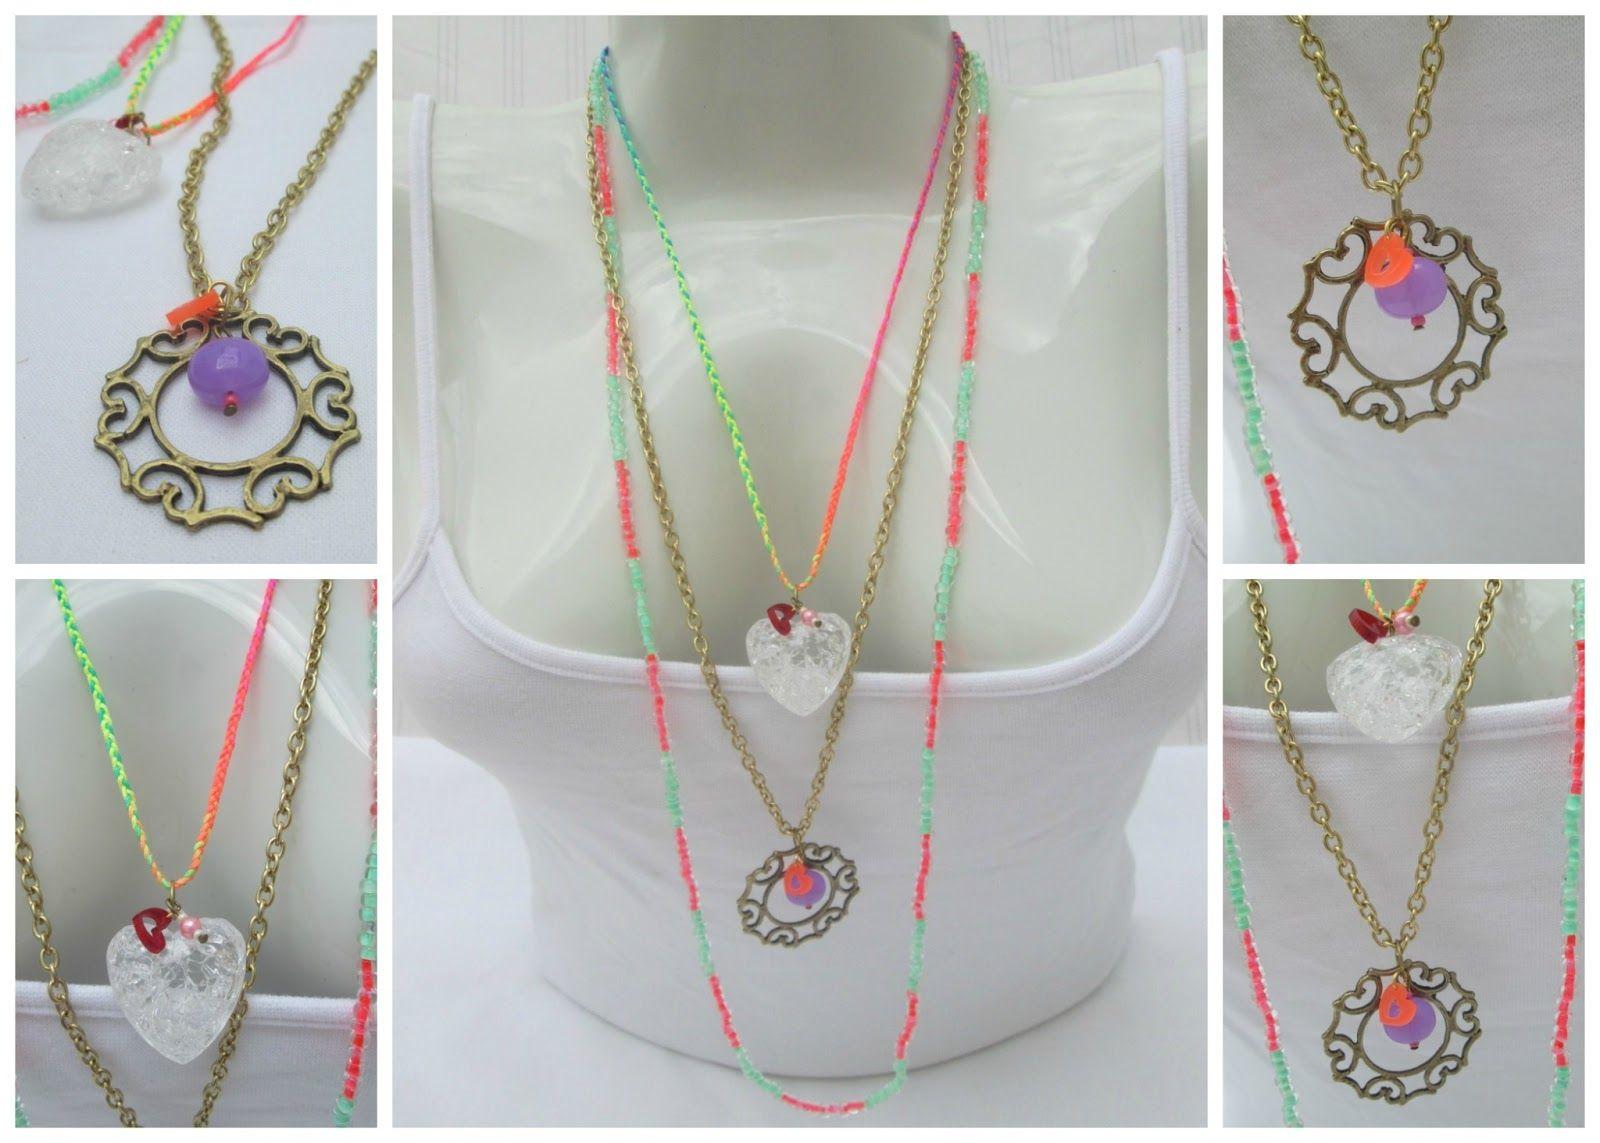 Collar: Menta y golosinas  Materiales: Cadena metálica, dije pavonado, dije corazón acrílico, lazo neón, mostacillas sencillas y checas, elementos acrílicos, perlas  Valor: $25.000